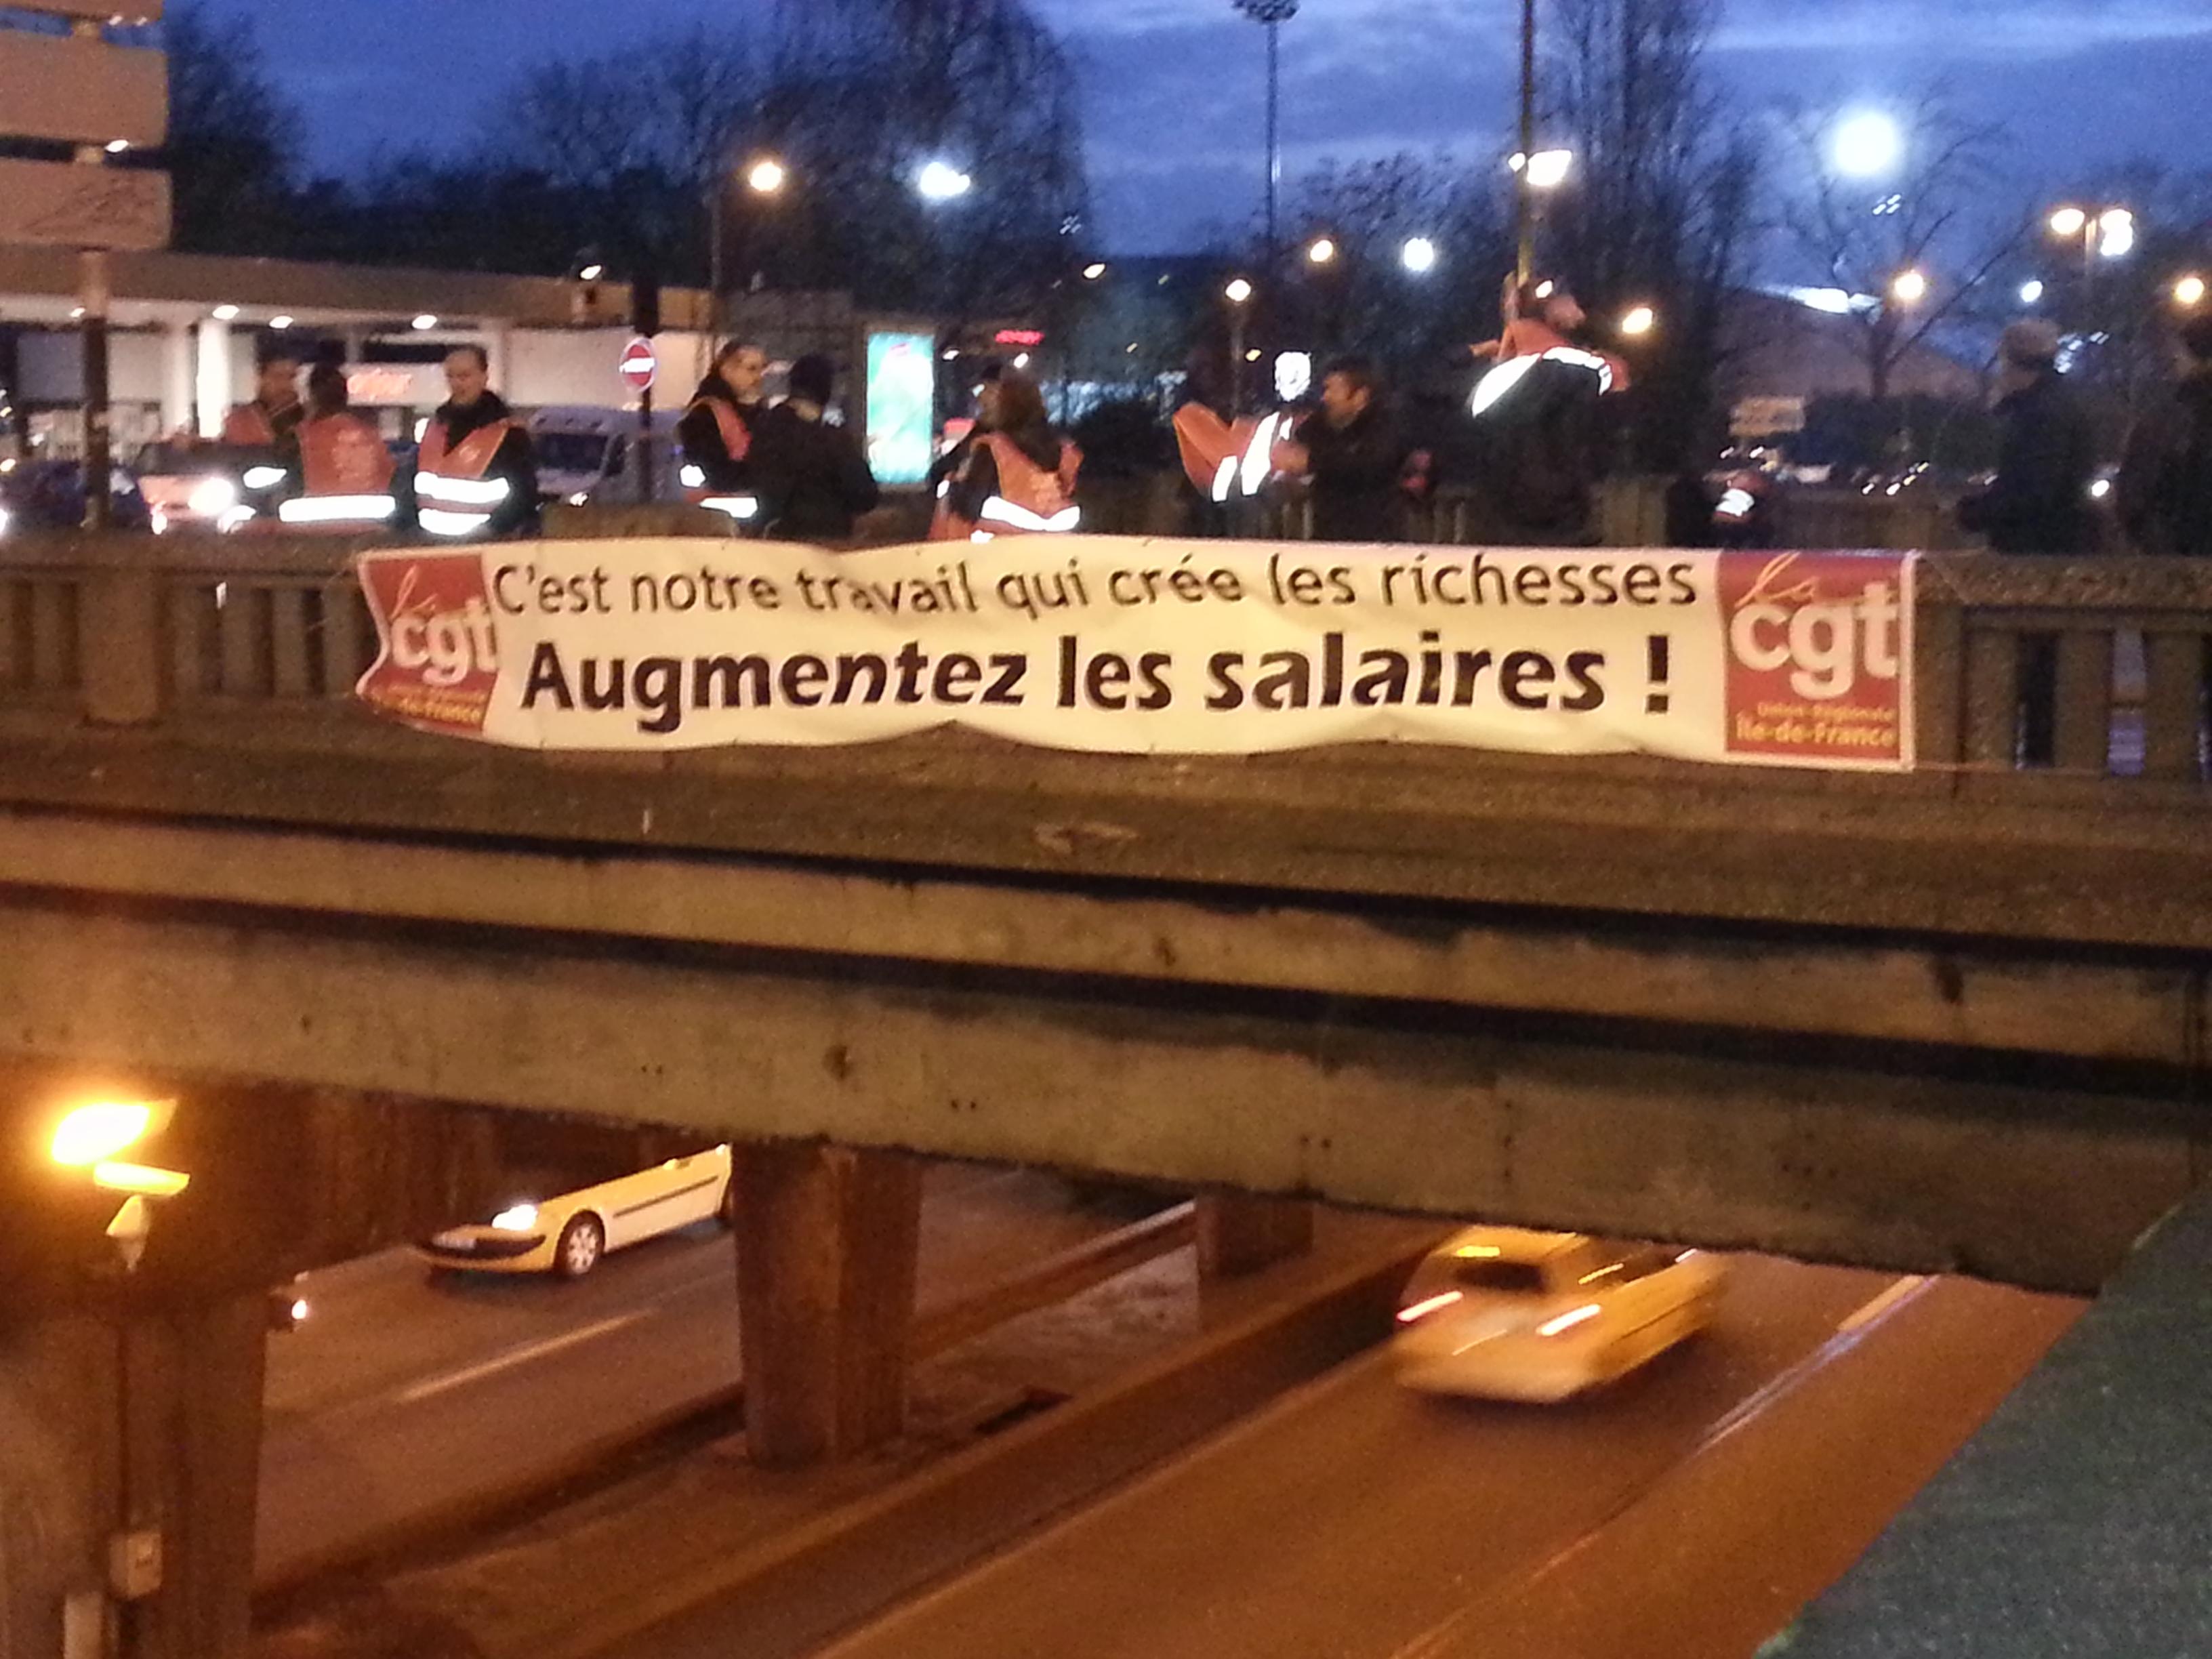 Salaire cgt de la pr fecture de police de paris page 2 - Grille indiciaire ingenieur hospitalier ...